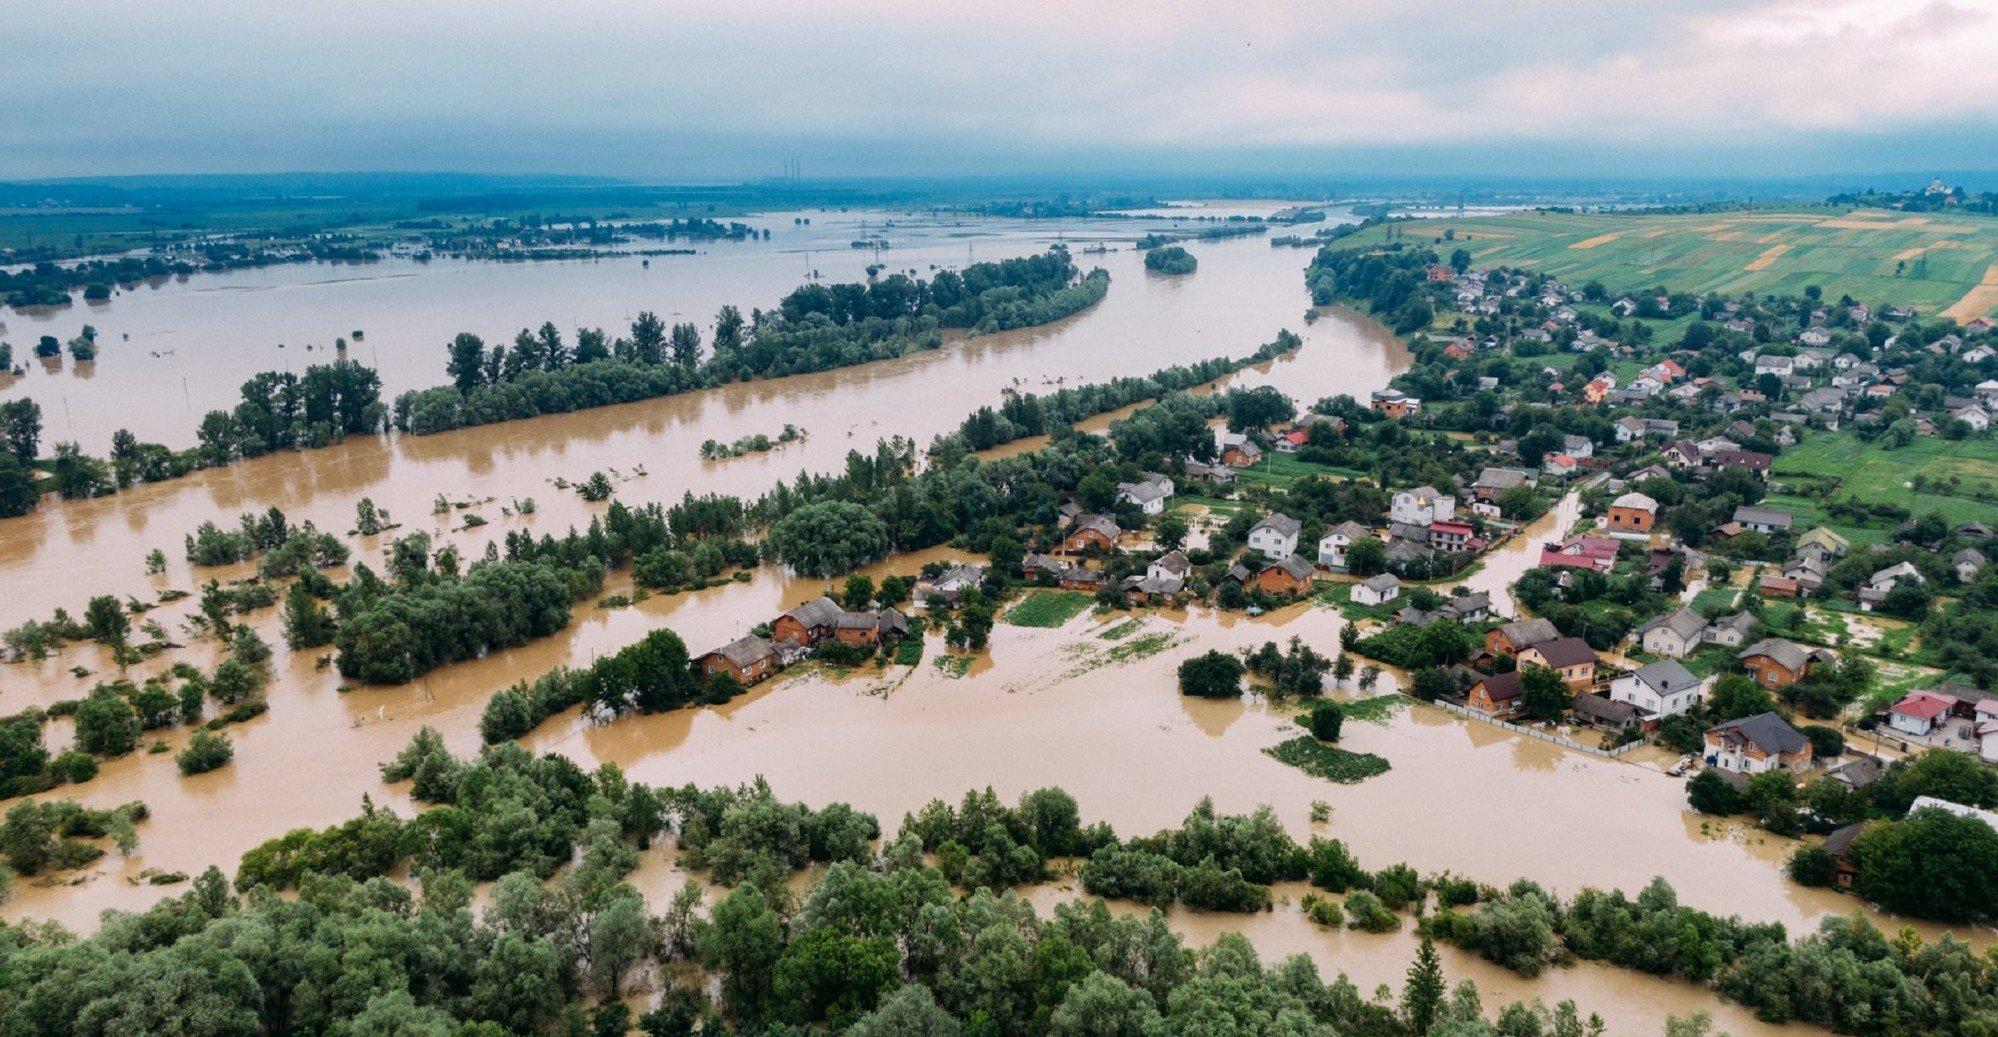 К пострадавшим от погоды селам до сих пор нет доступа